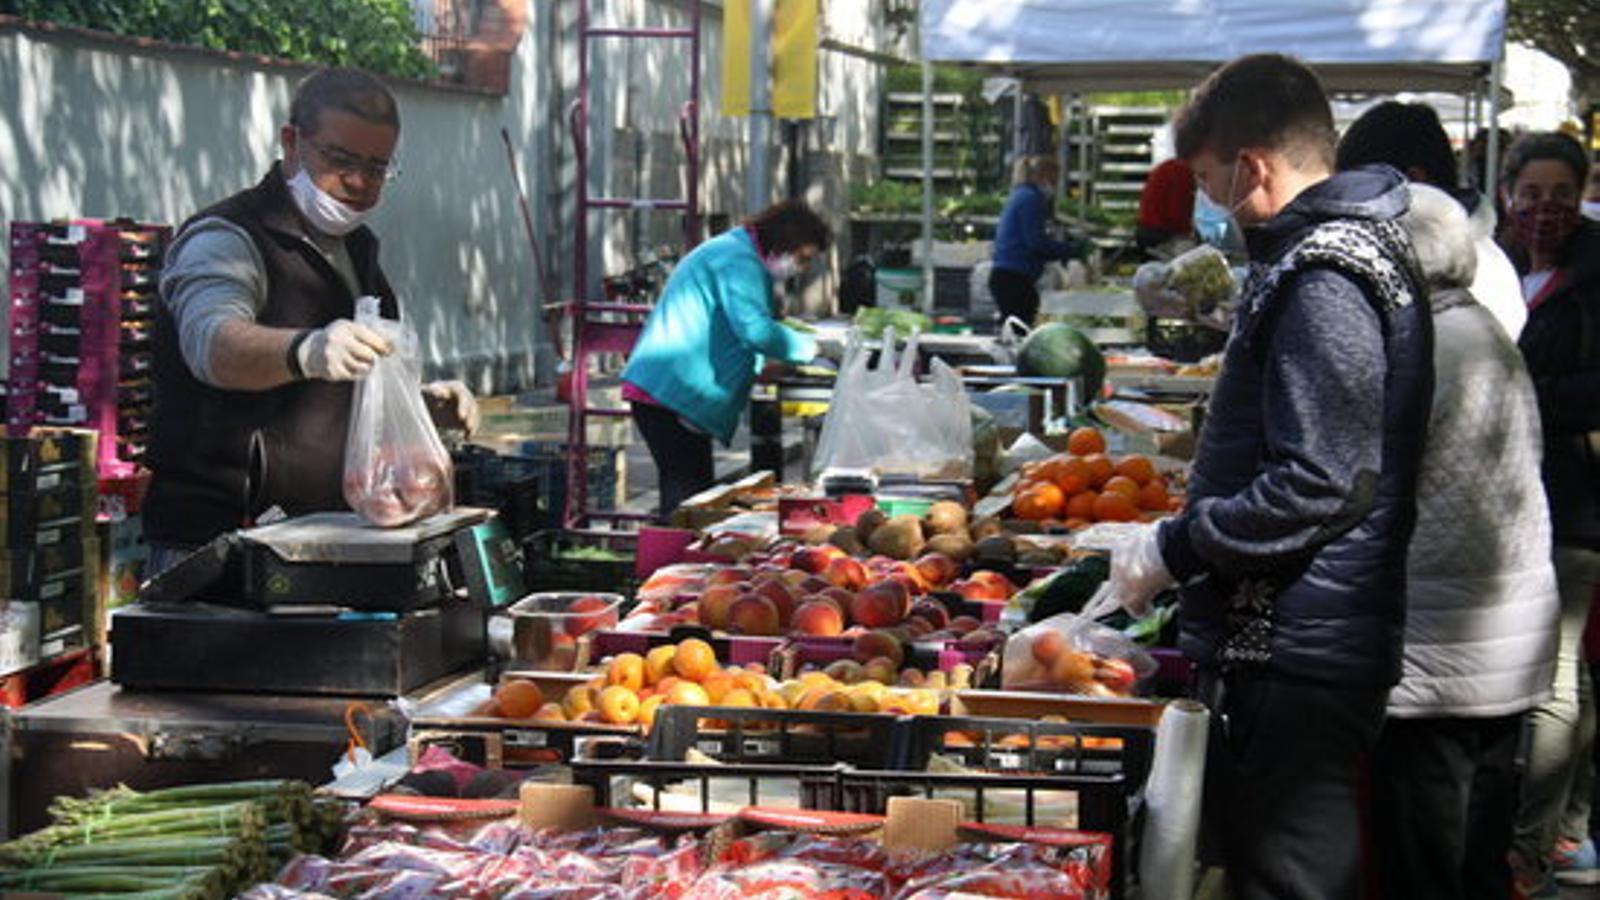 Parada de fruita al mercat. / ACN